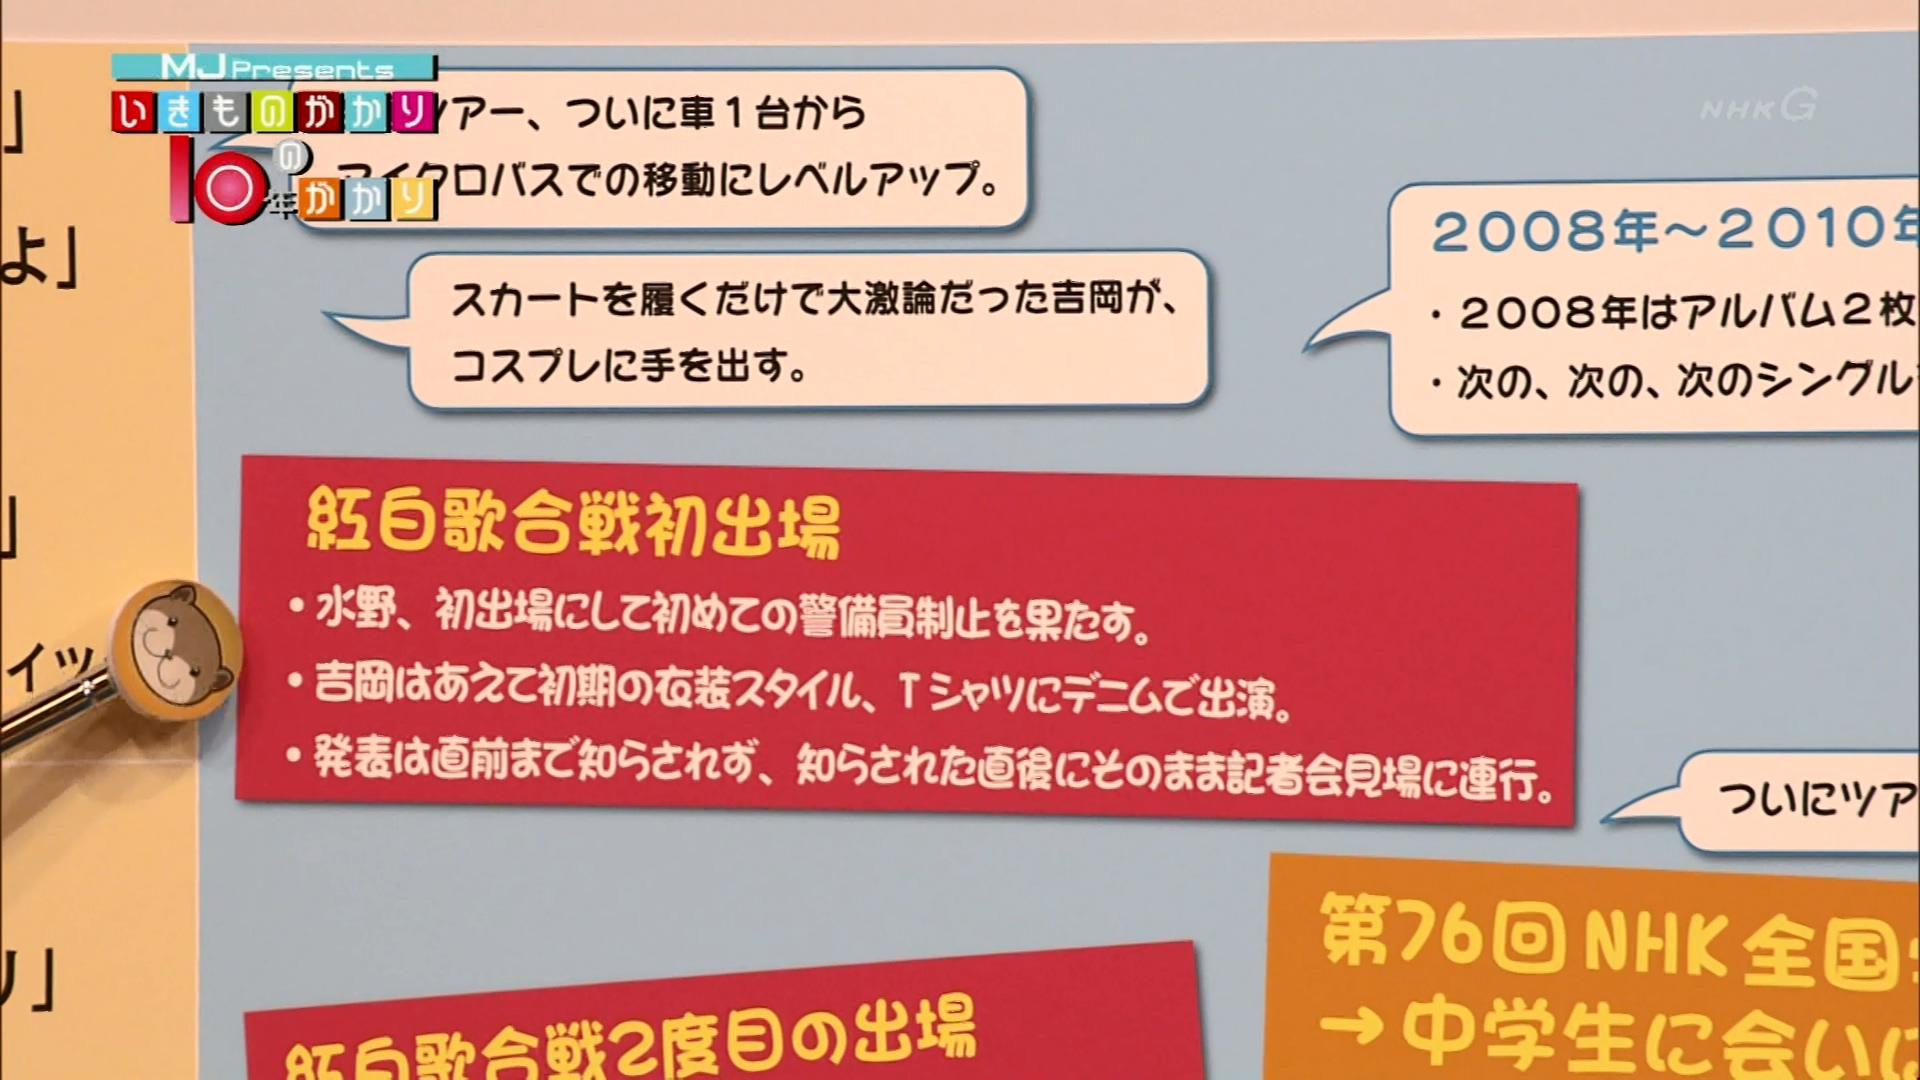 2016.03.20 いきものがかり - いきものがかりの10年がかり(MJ Presents).ts_20160321_014014.726